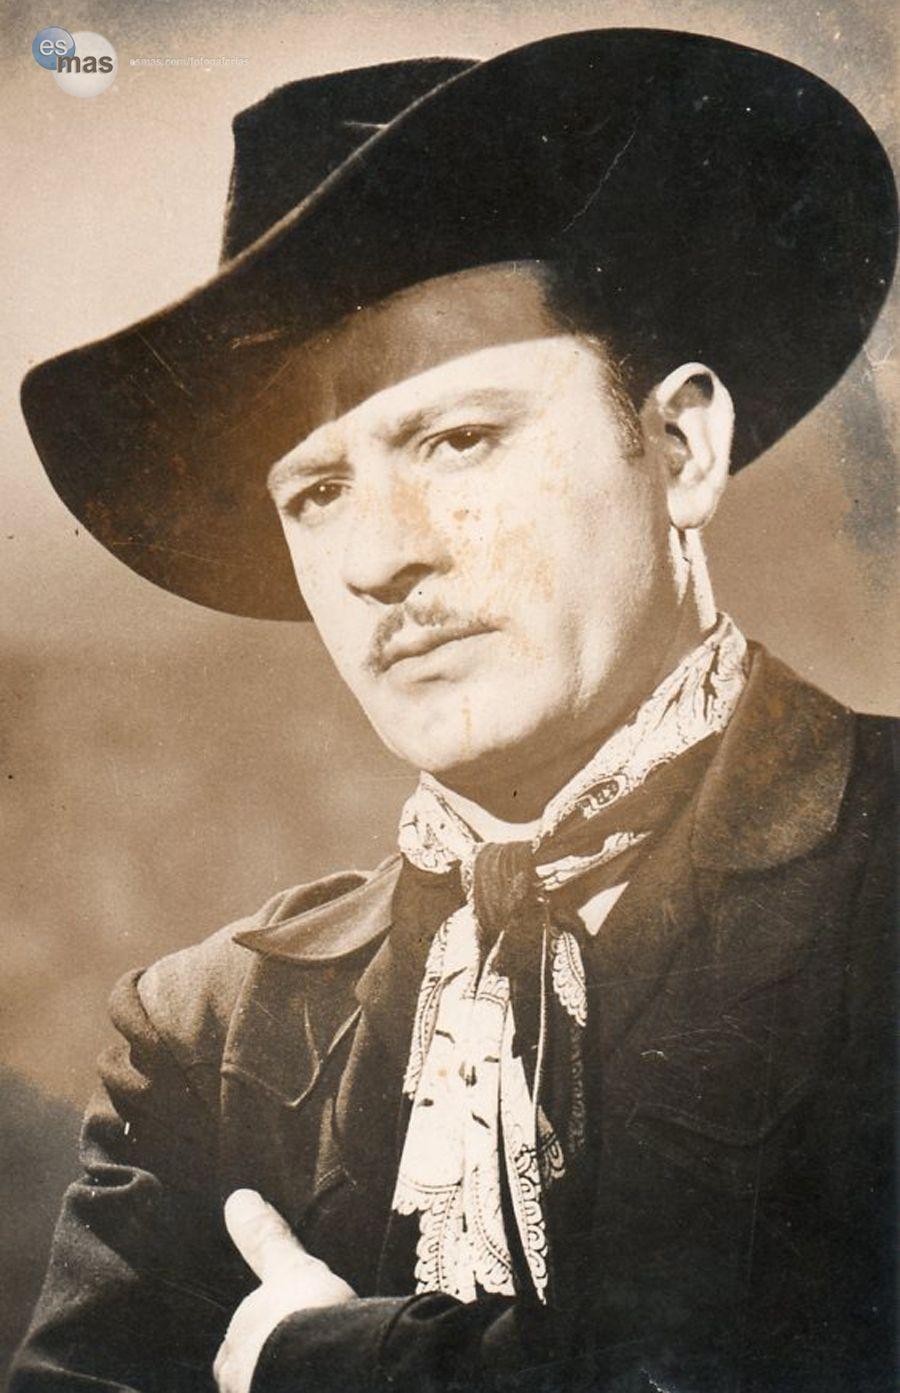 Uno de los hombres m s queridos de la far ndula mexicana Chimentos dela farandula mexicana